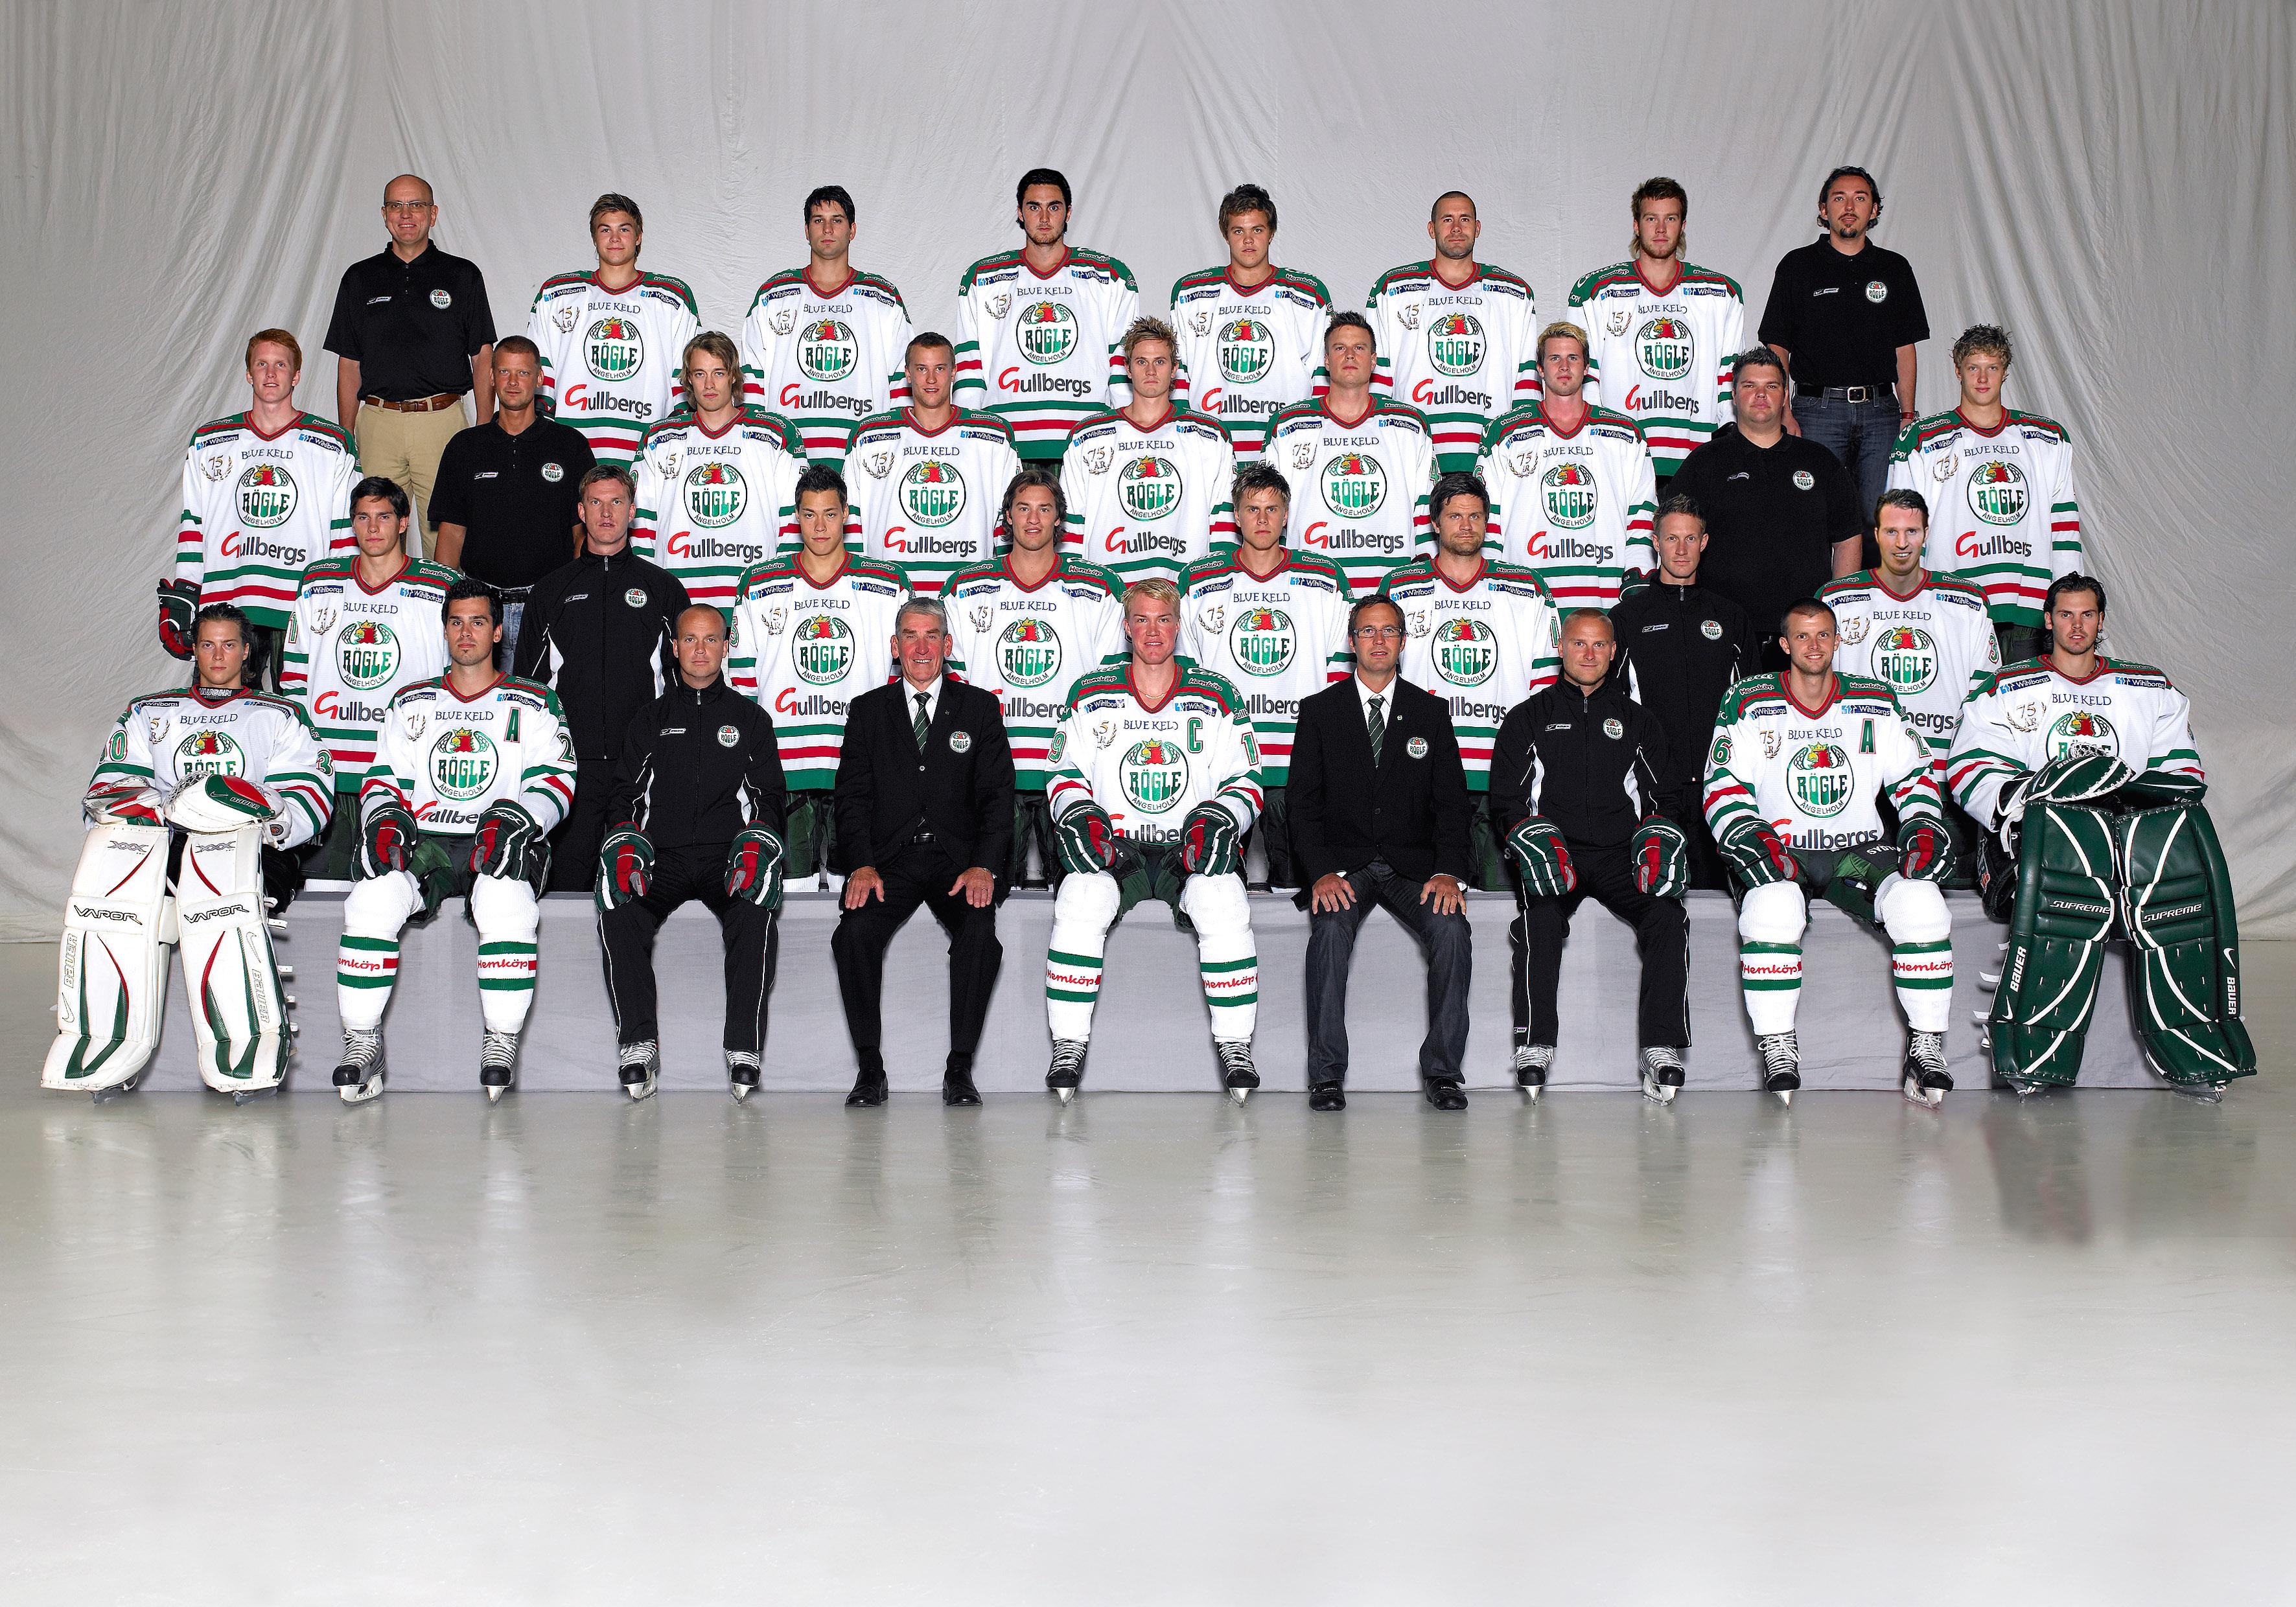 2007-08 HockeyAllsvenskan season